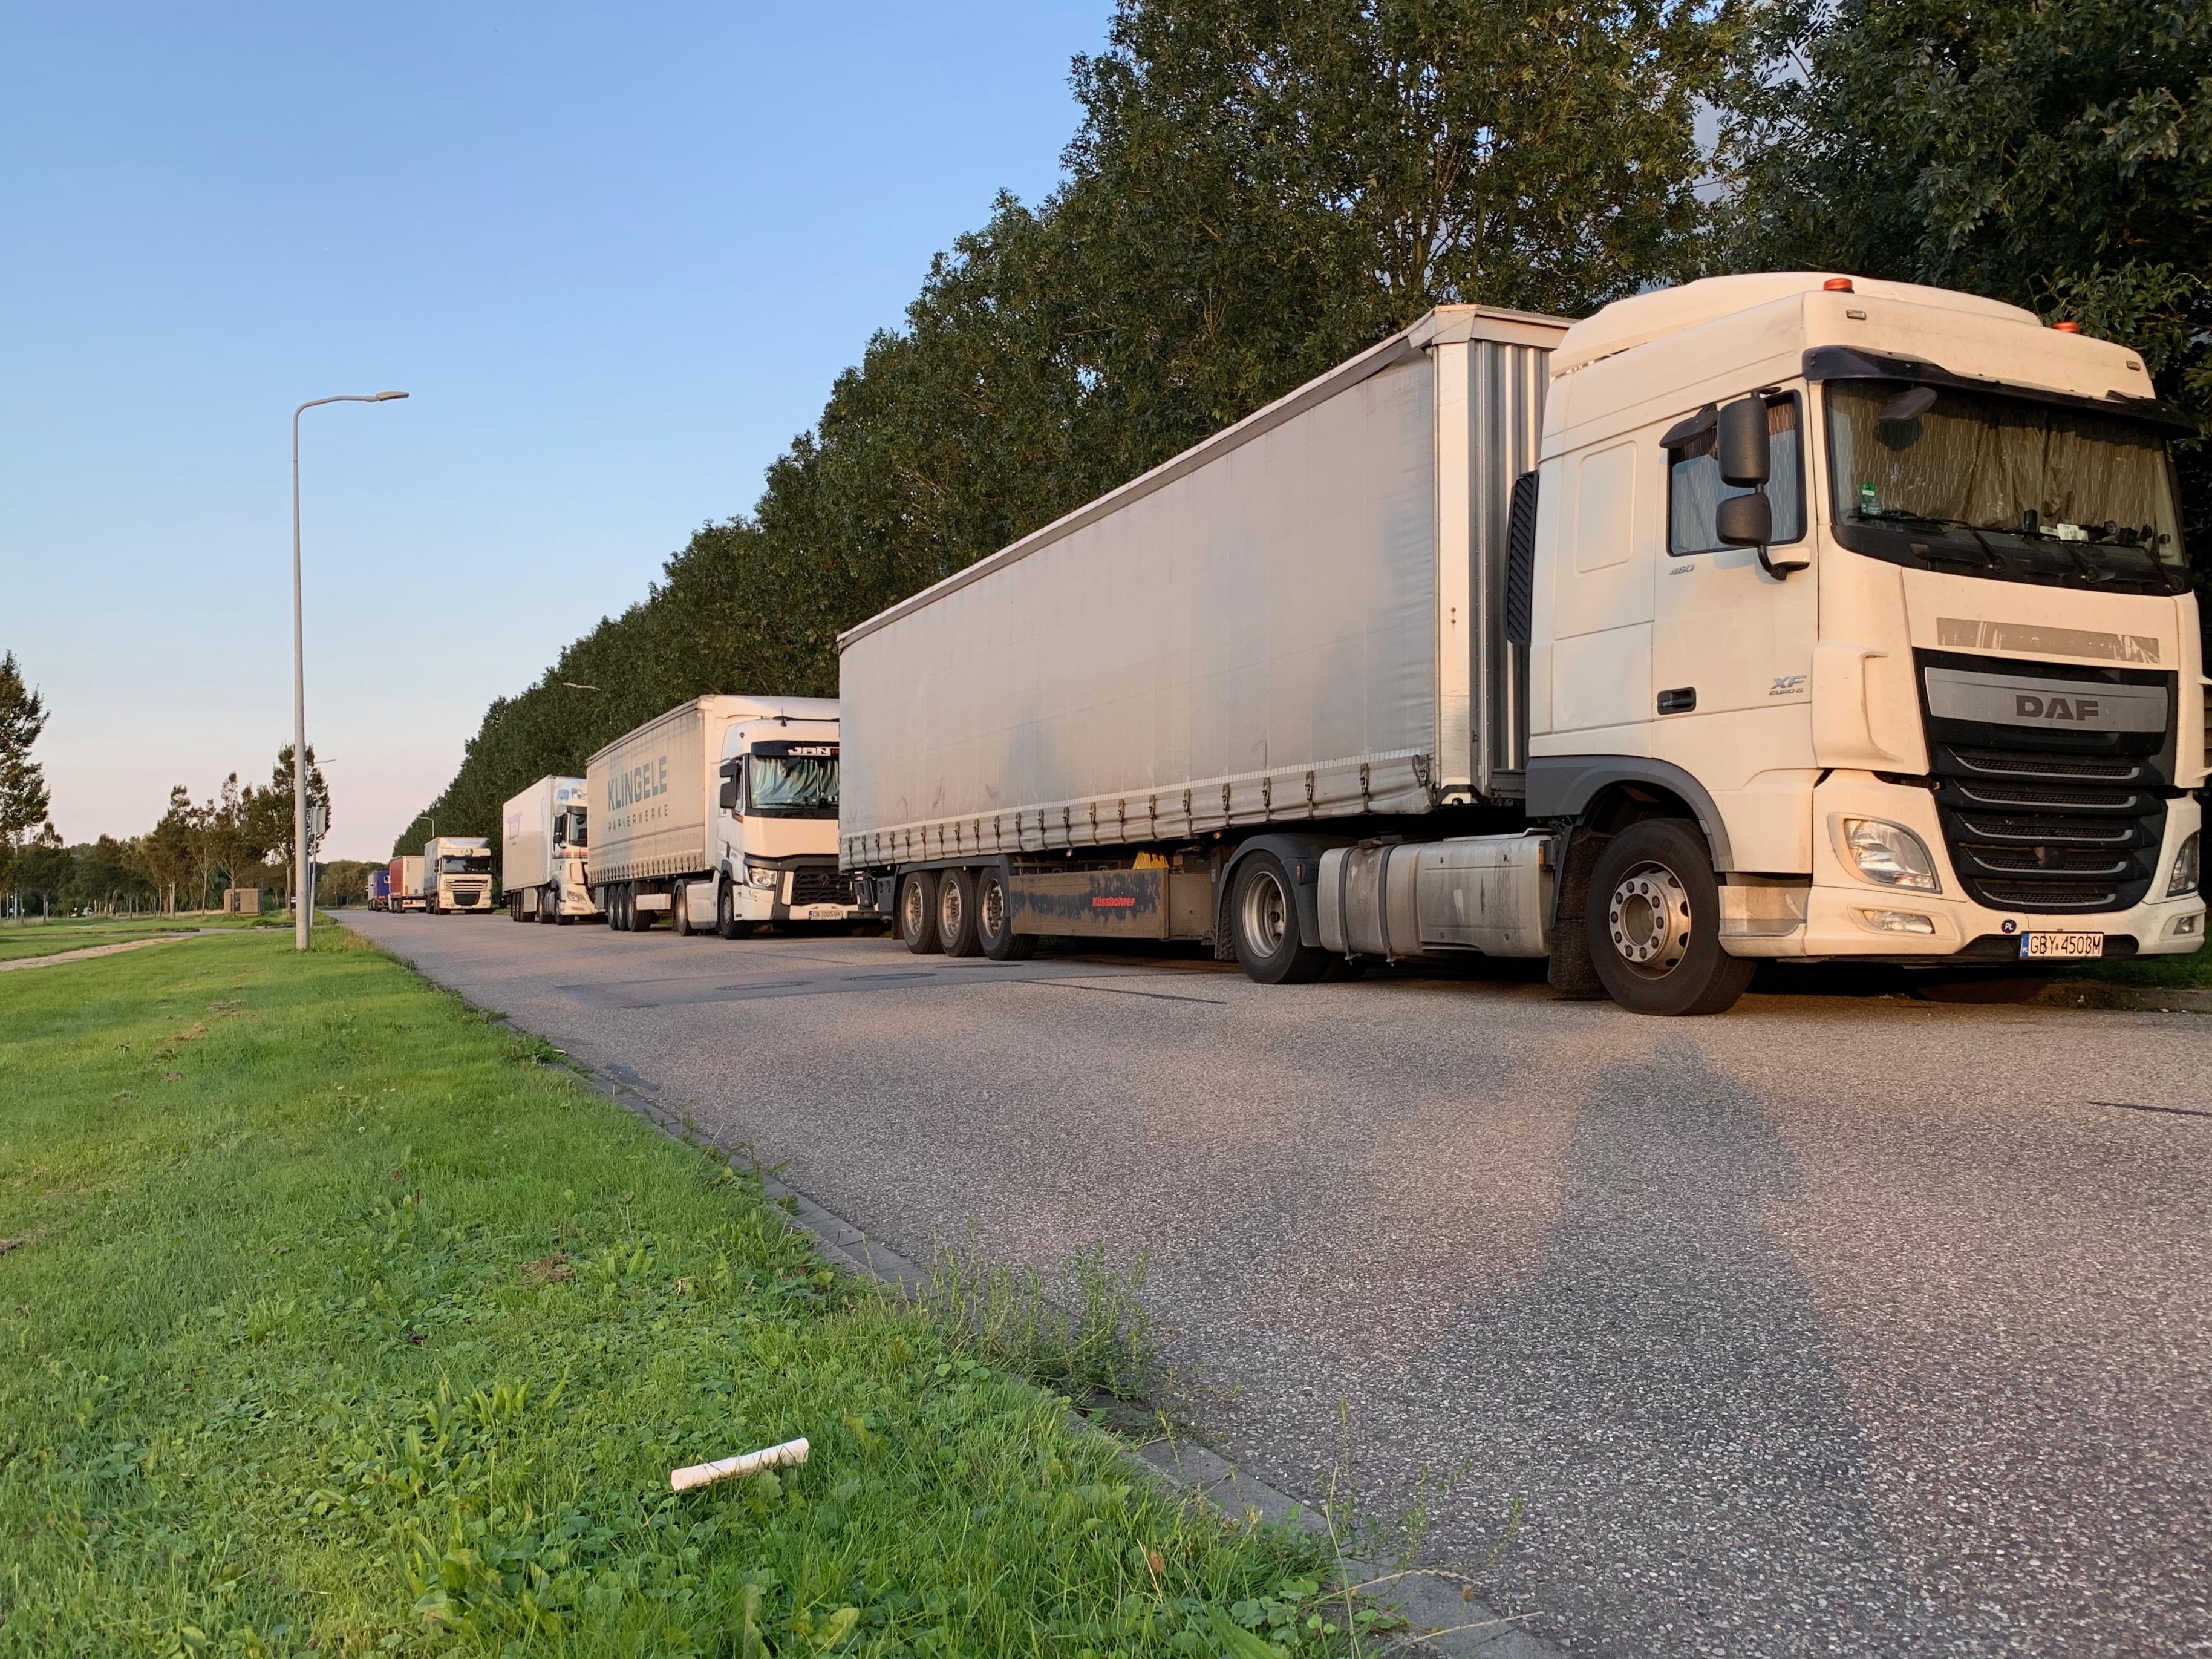 Bedrijvenpark WFO in Zwaagdijk-Oost eist actie van gemeente tegen overnachtende truckers